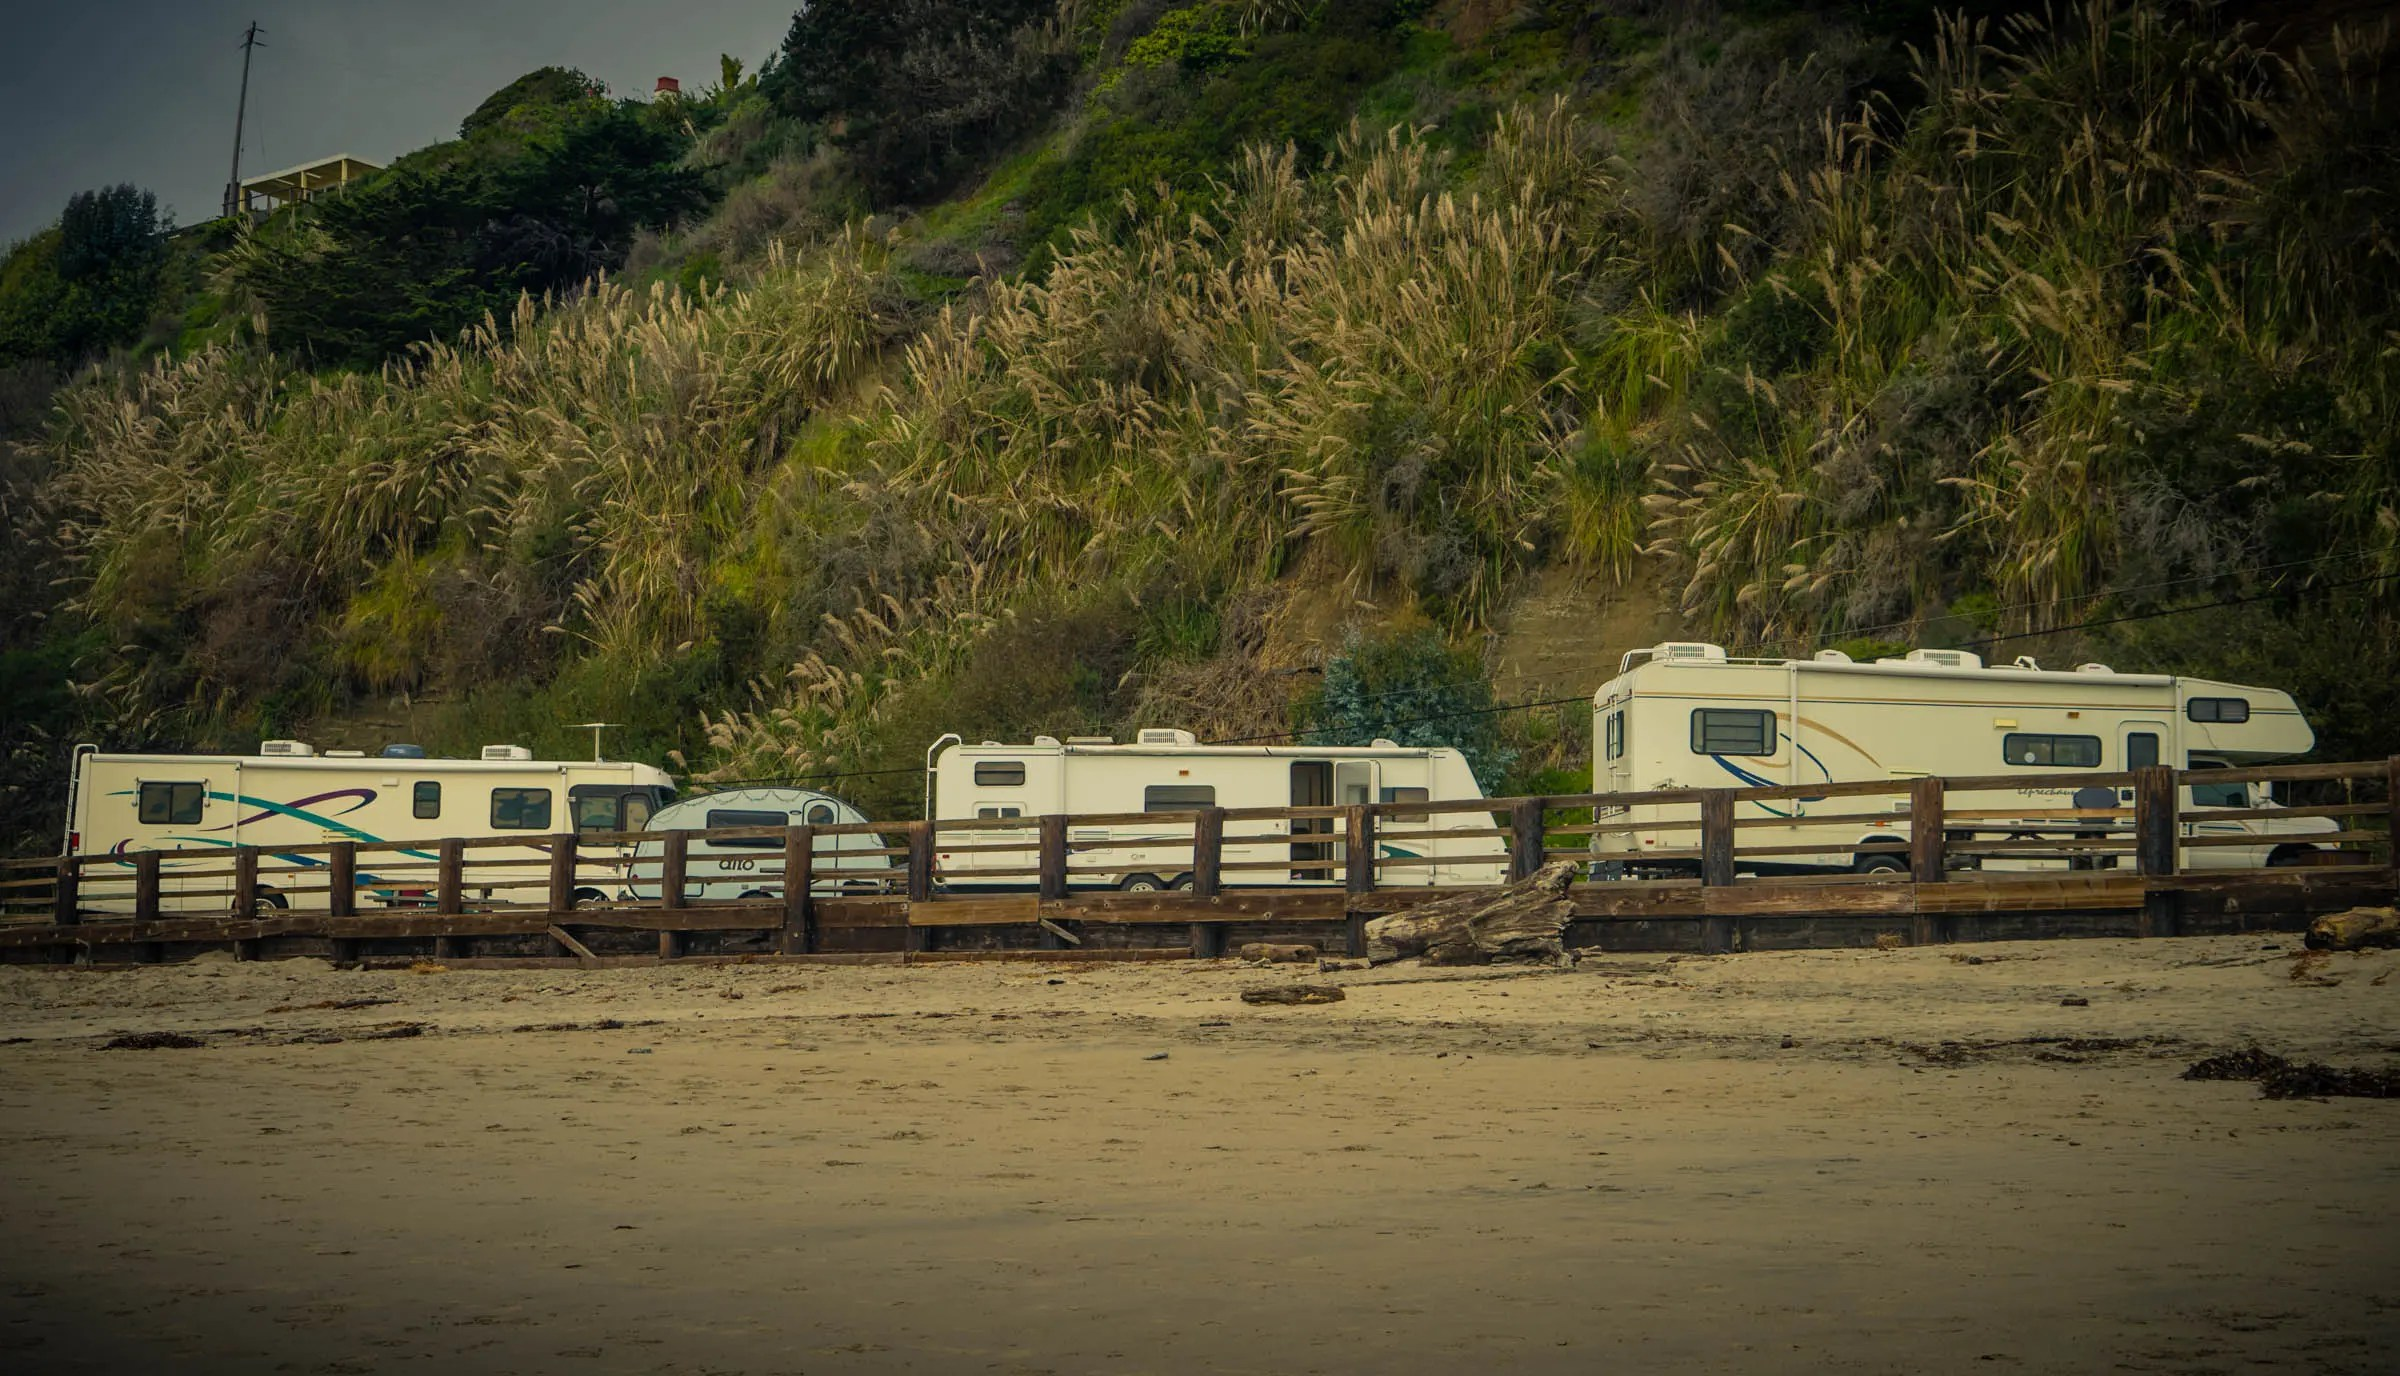 Safari Condo Alto 1743 travel trailer